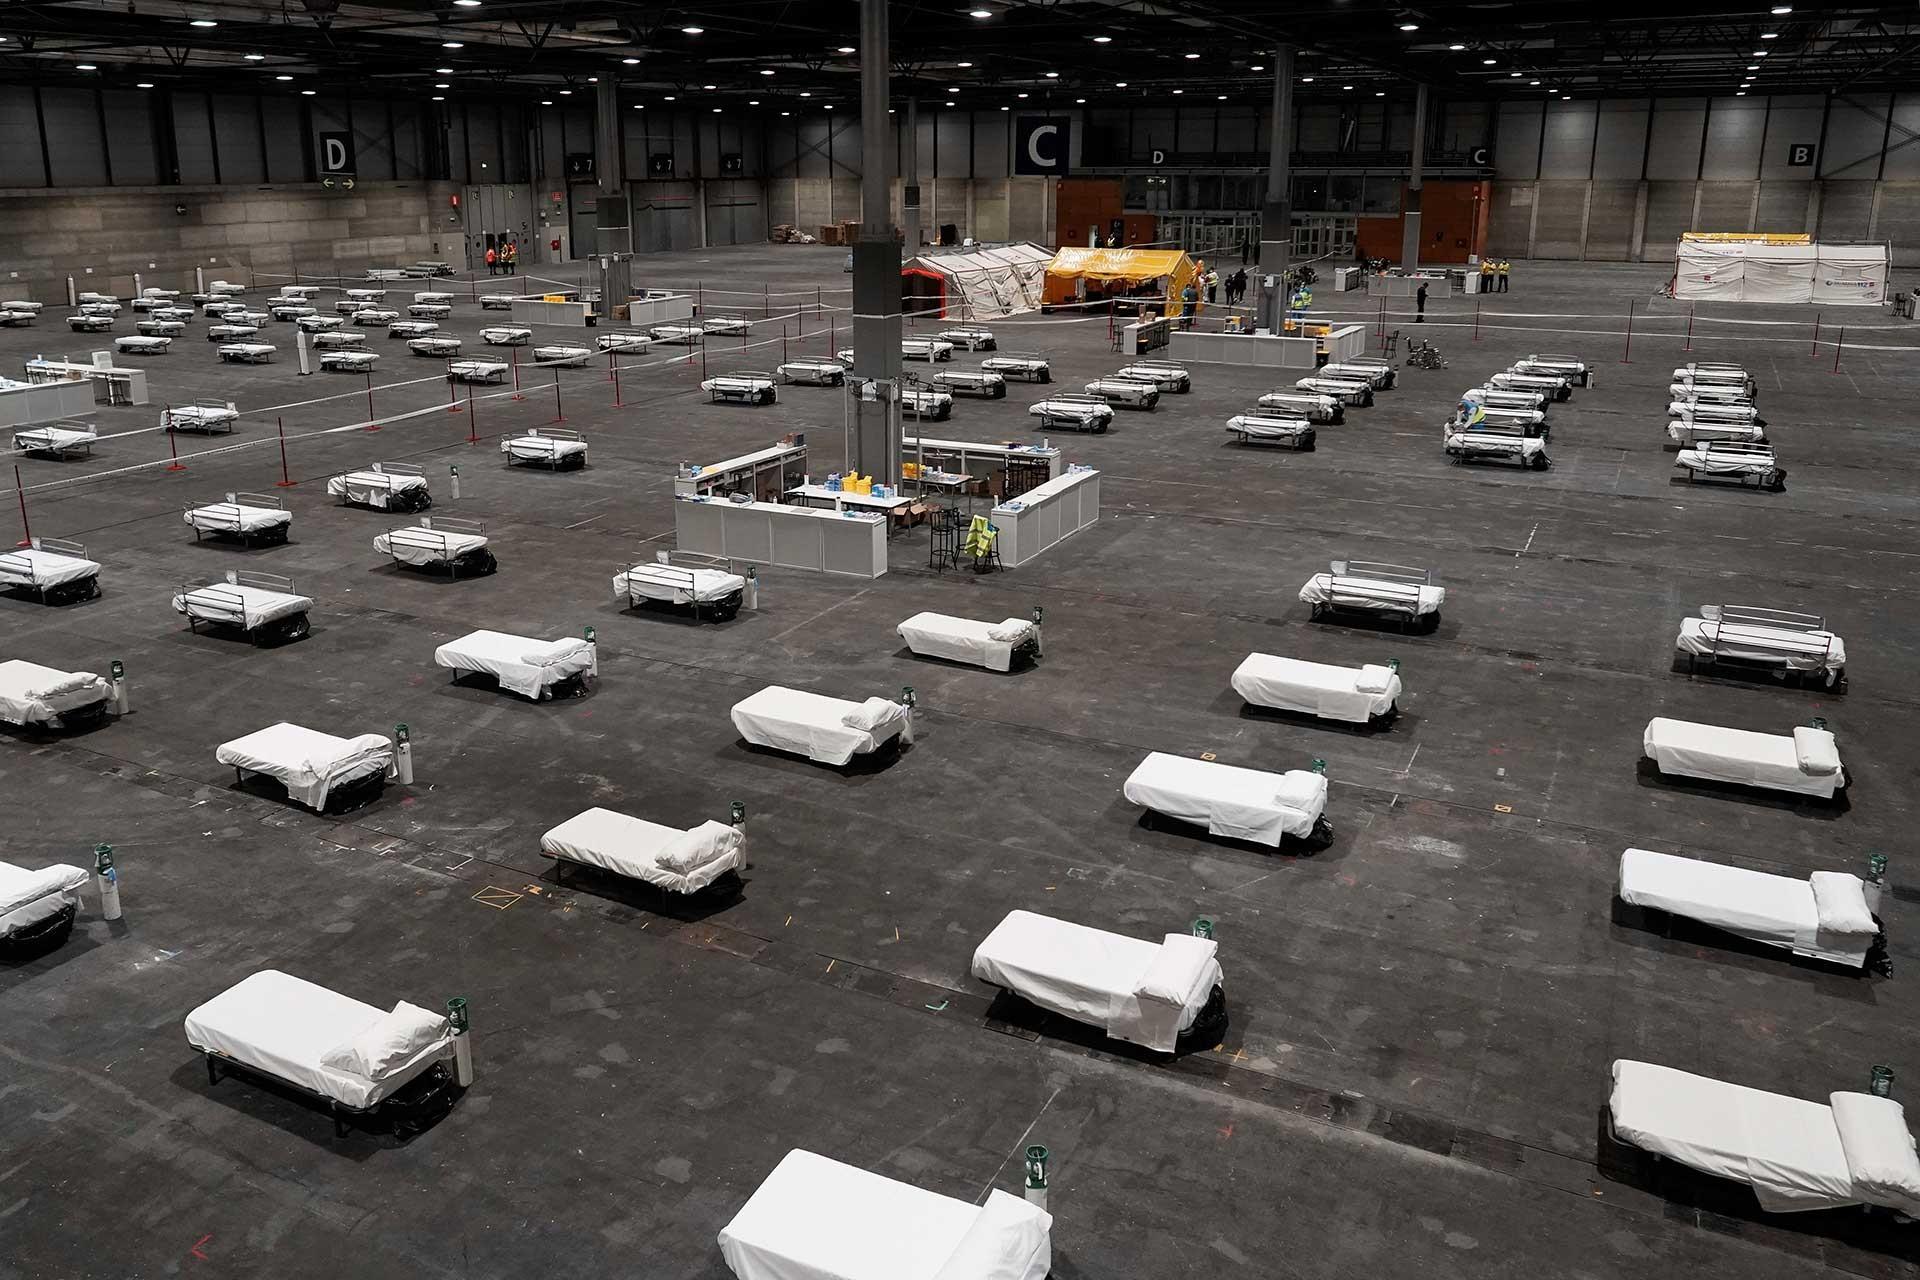 Madrid'deki Ifema Kongre ve Sergi Merkezi'nde Kovid-19 salgını nedeniyle 5 bin 500 yatak kapasiteli geçici hastane oluşturuldu.